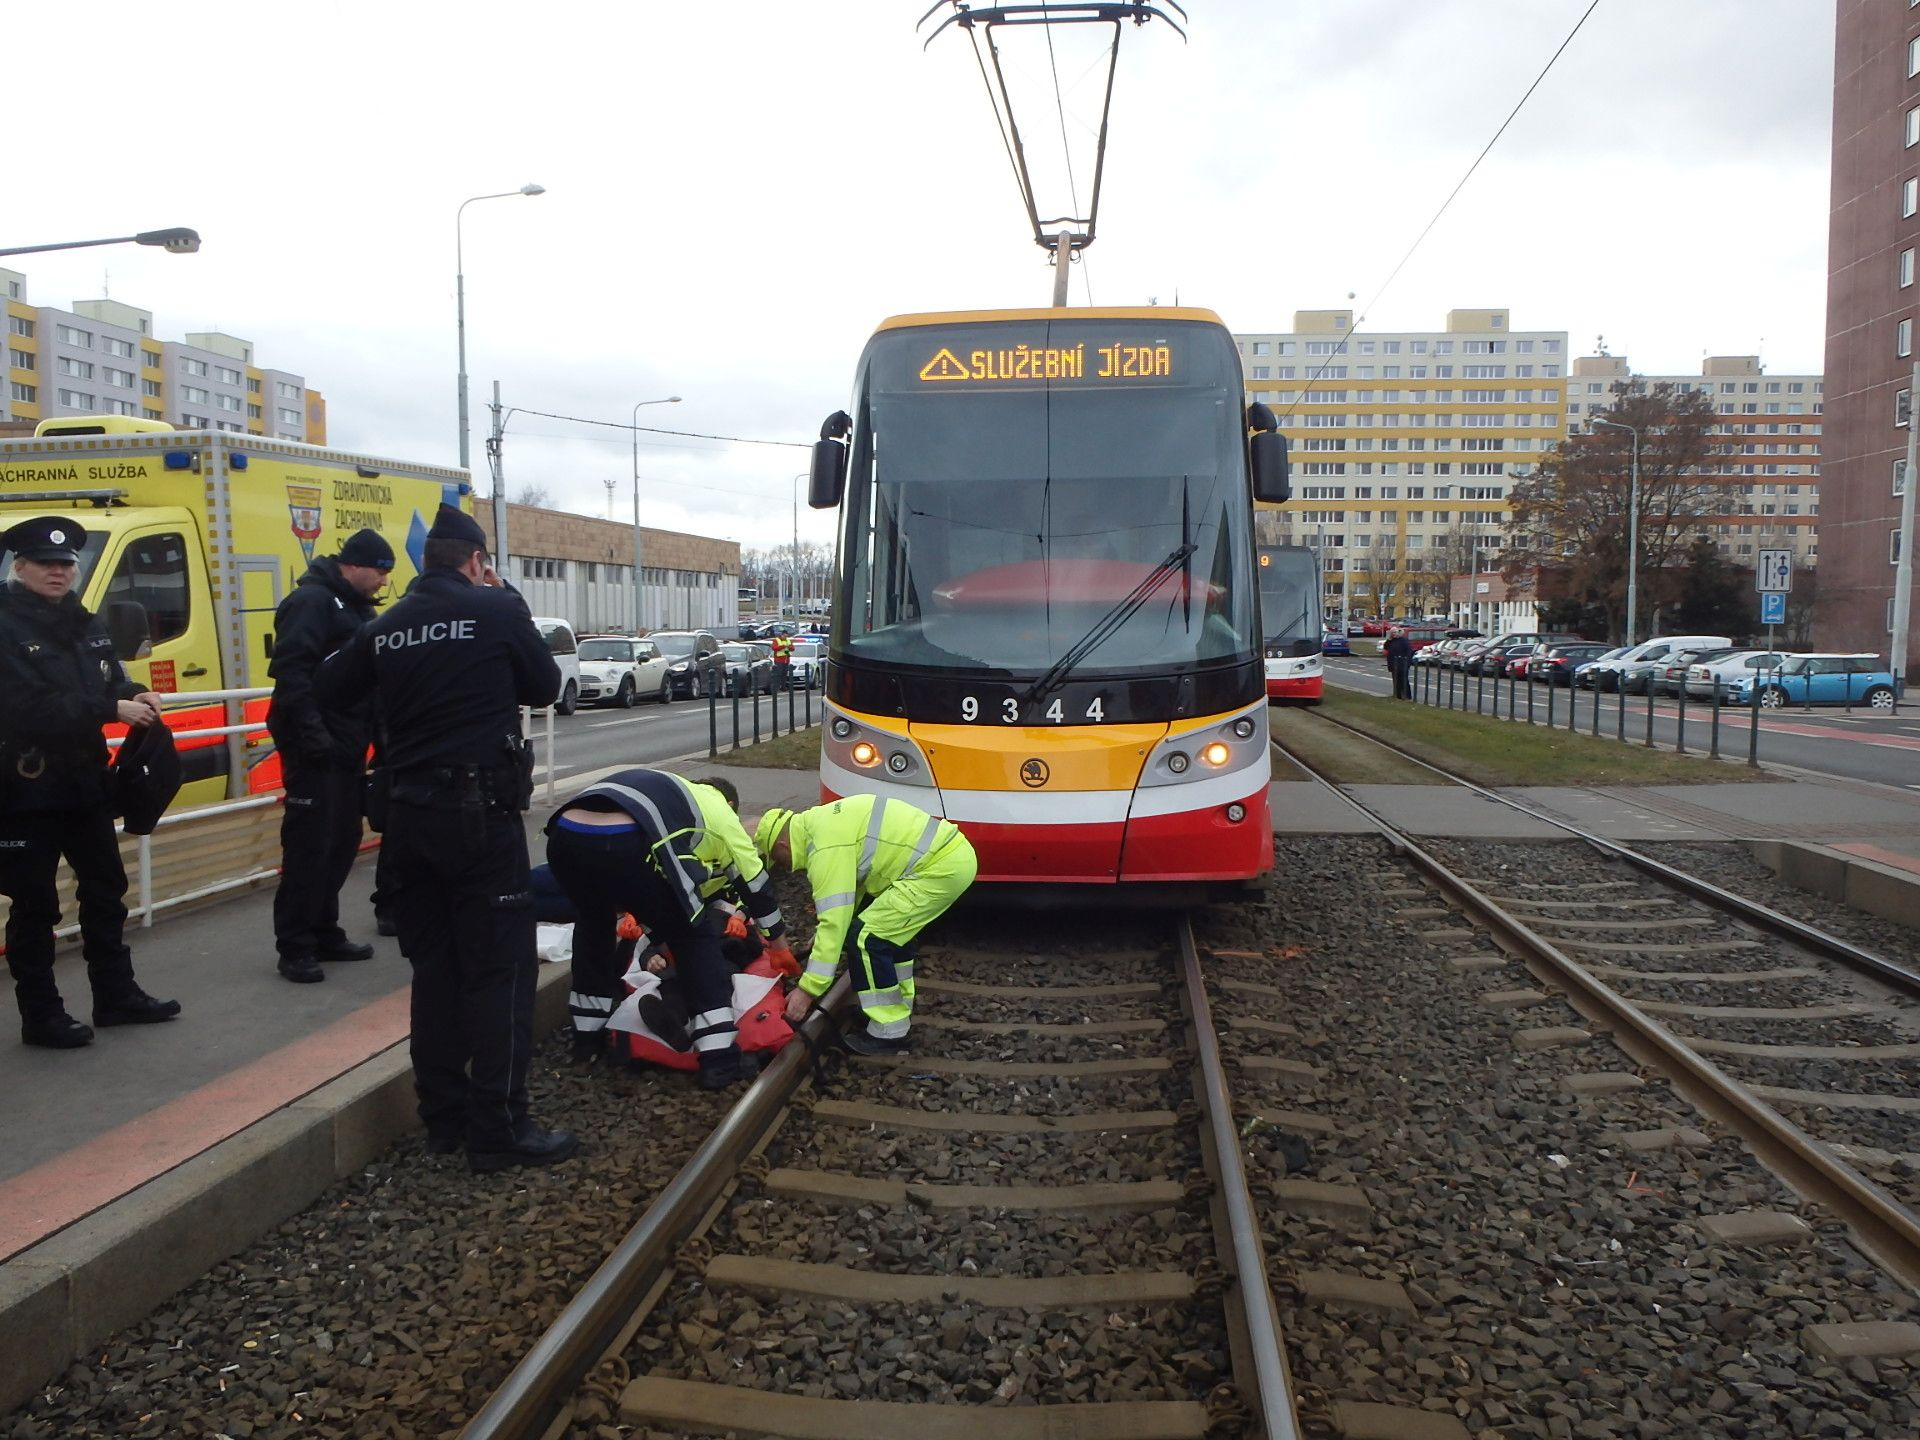 Srážka chodce s tramvají. Foto: DPP